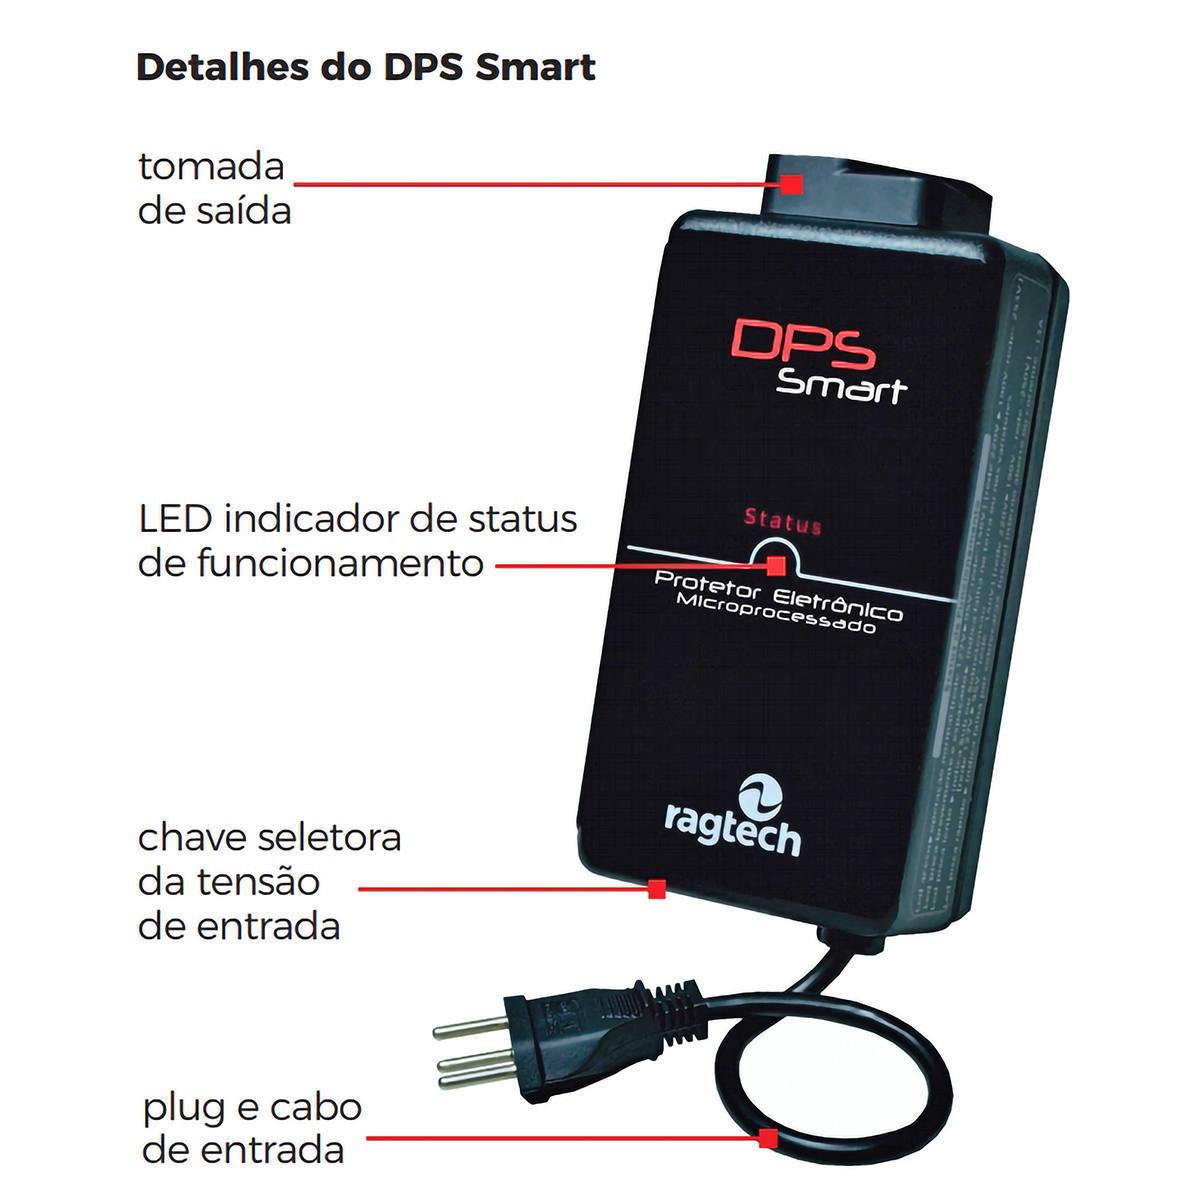 DPS Smart Bivolt Protetor Eletrônico Microprocessado True RMS Proteção Tripla contra Raios e Surtos Ragtech 4780